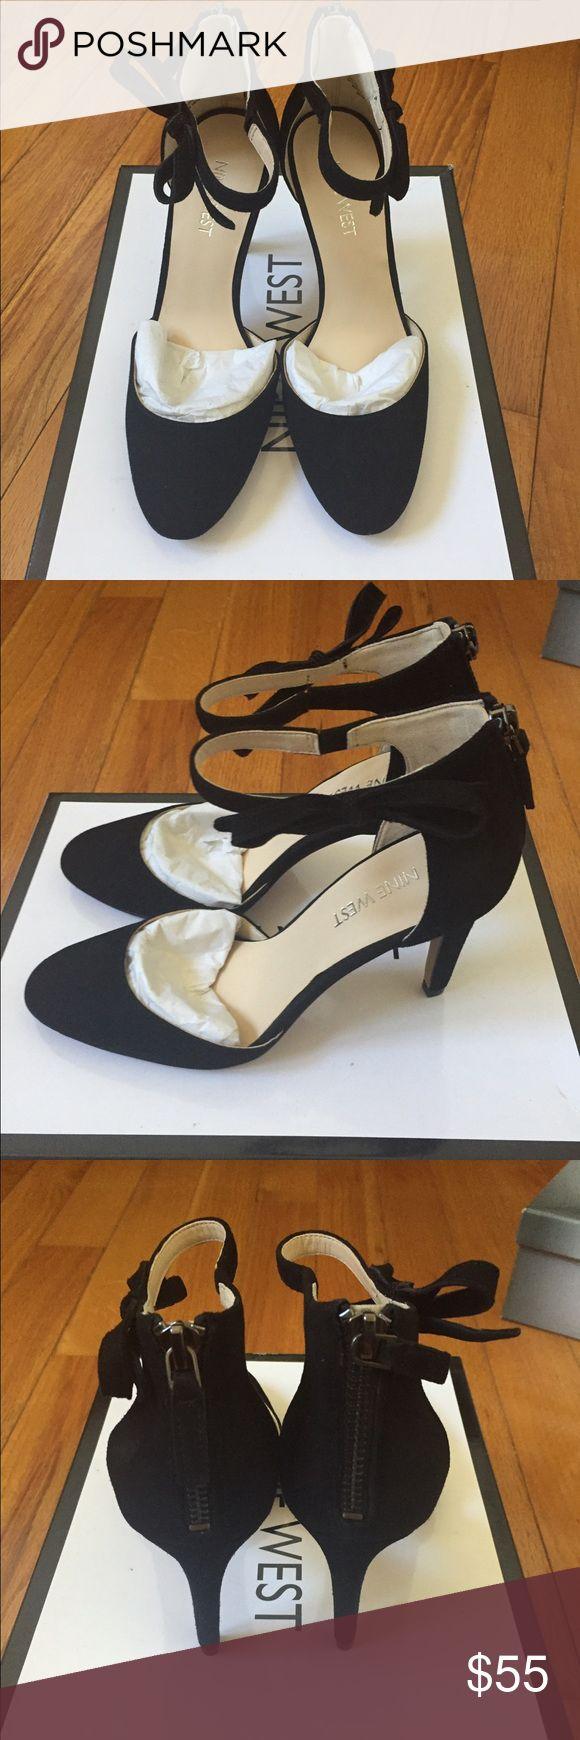 """Nine West Heels NWHOWLEY Black Suede Nine West Heels - Black Suede- New in Box - Heel size 3 1/2 """" Nine West Shoes Heels"""